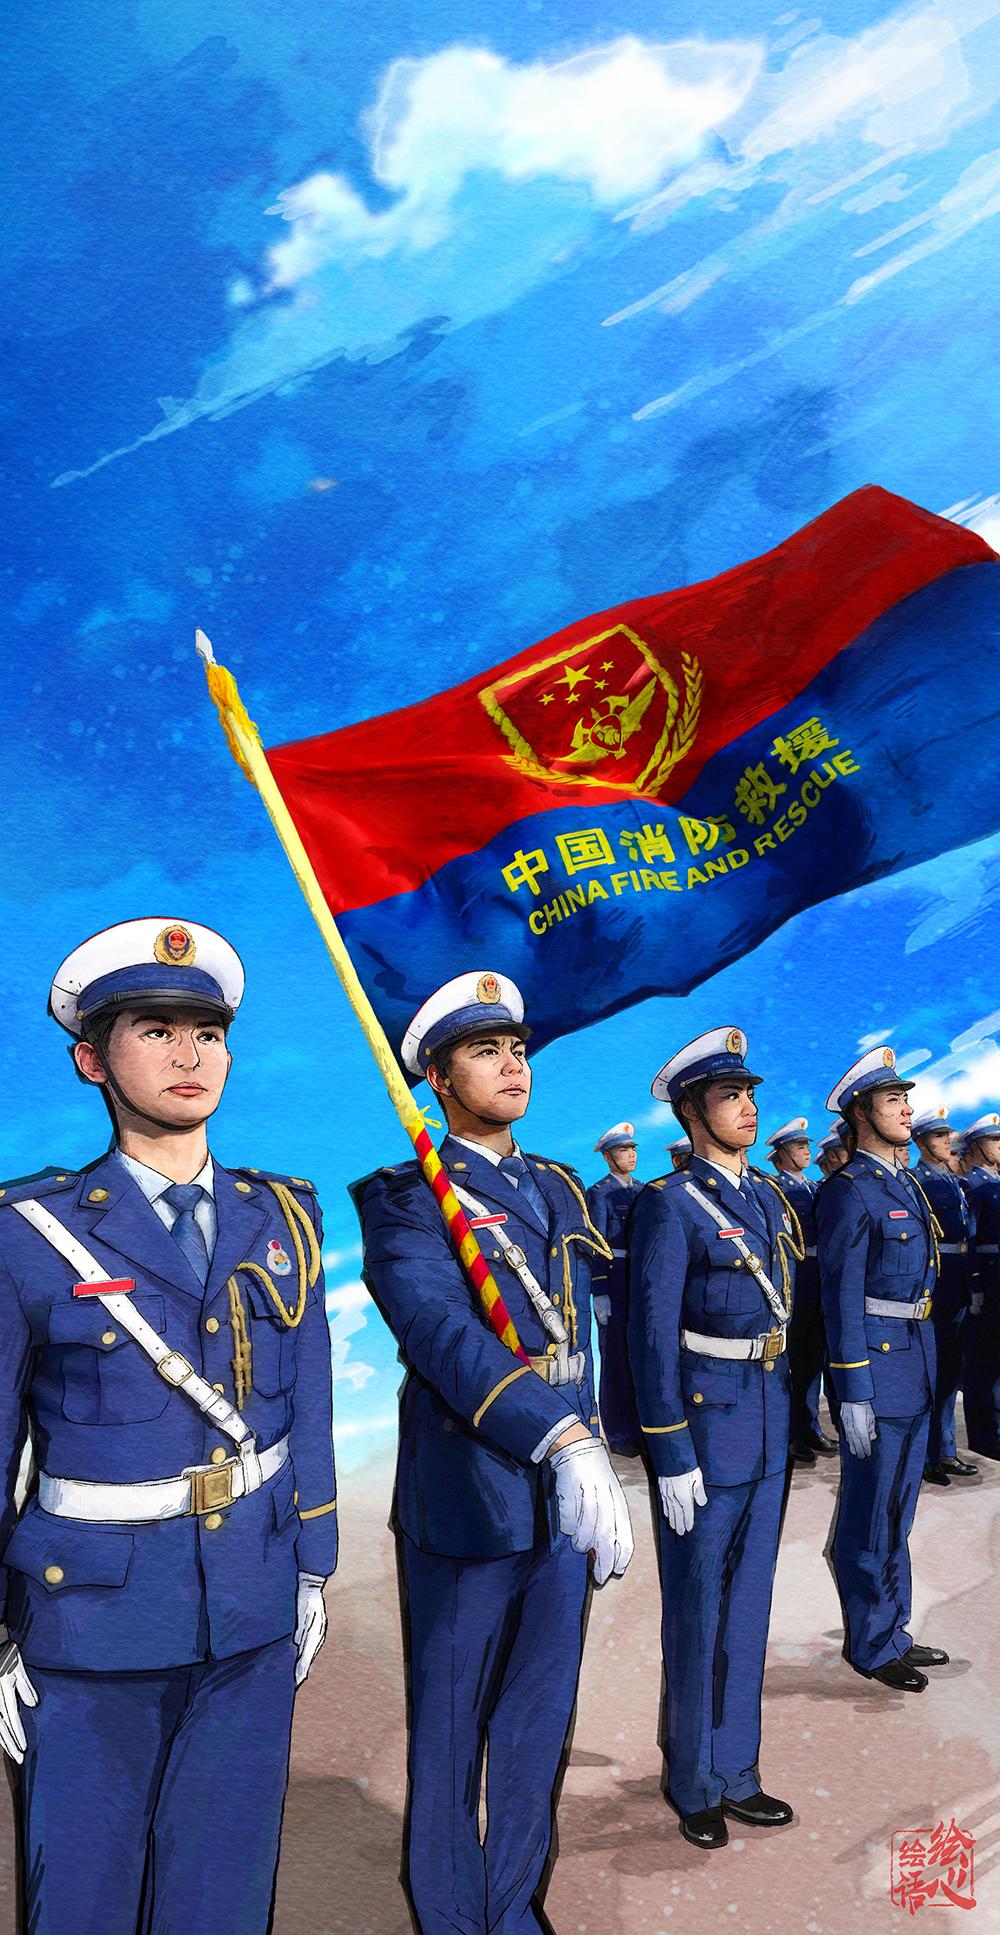 申搏官网下载:一年前,习远平向那收主力军以及国家队授旗并致训词